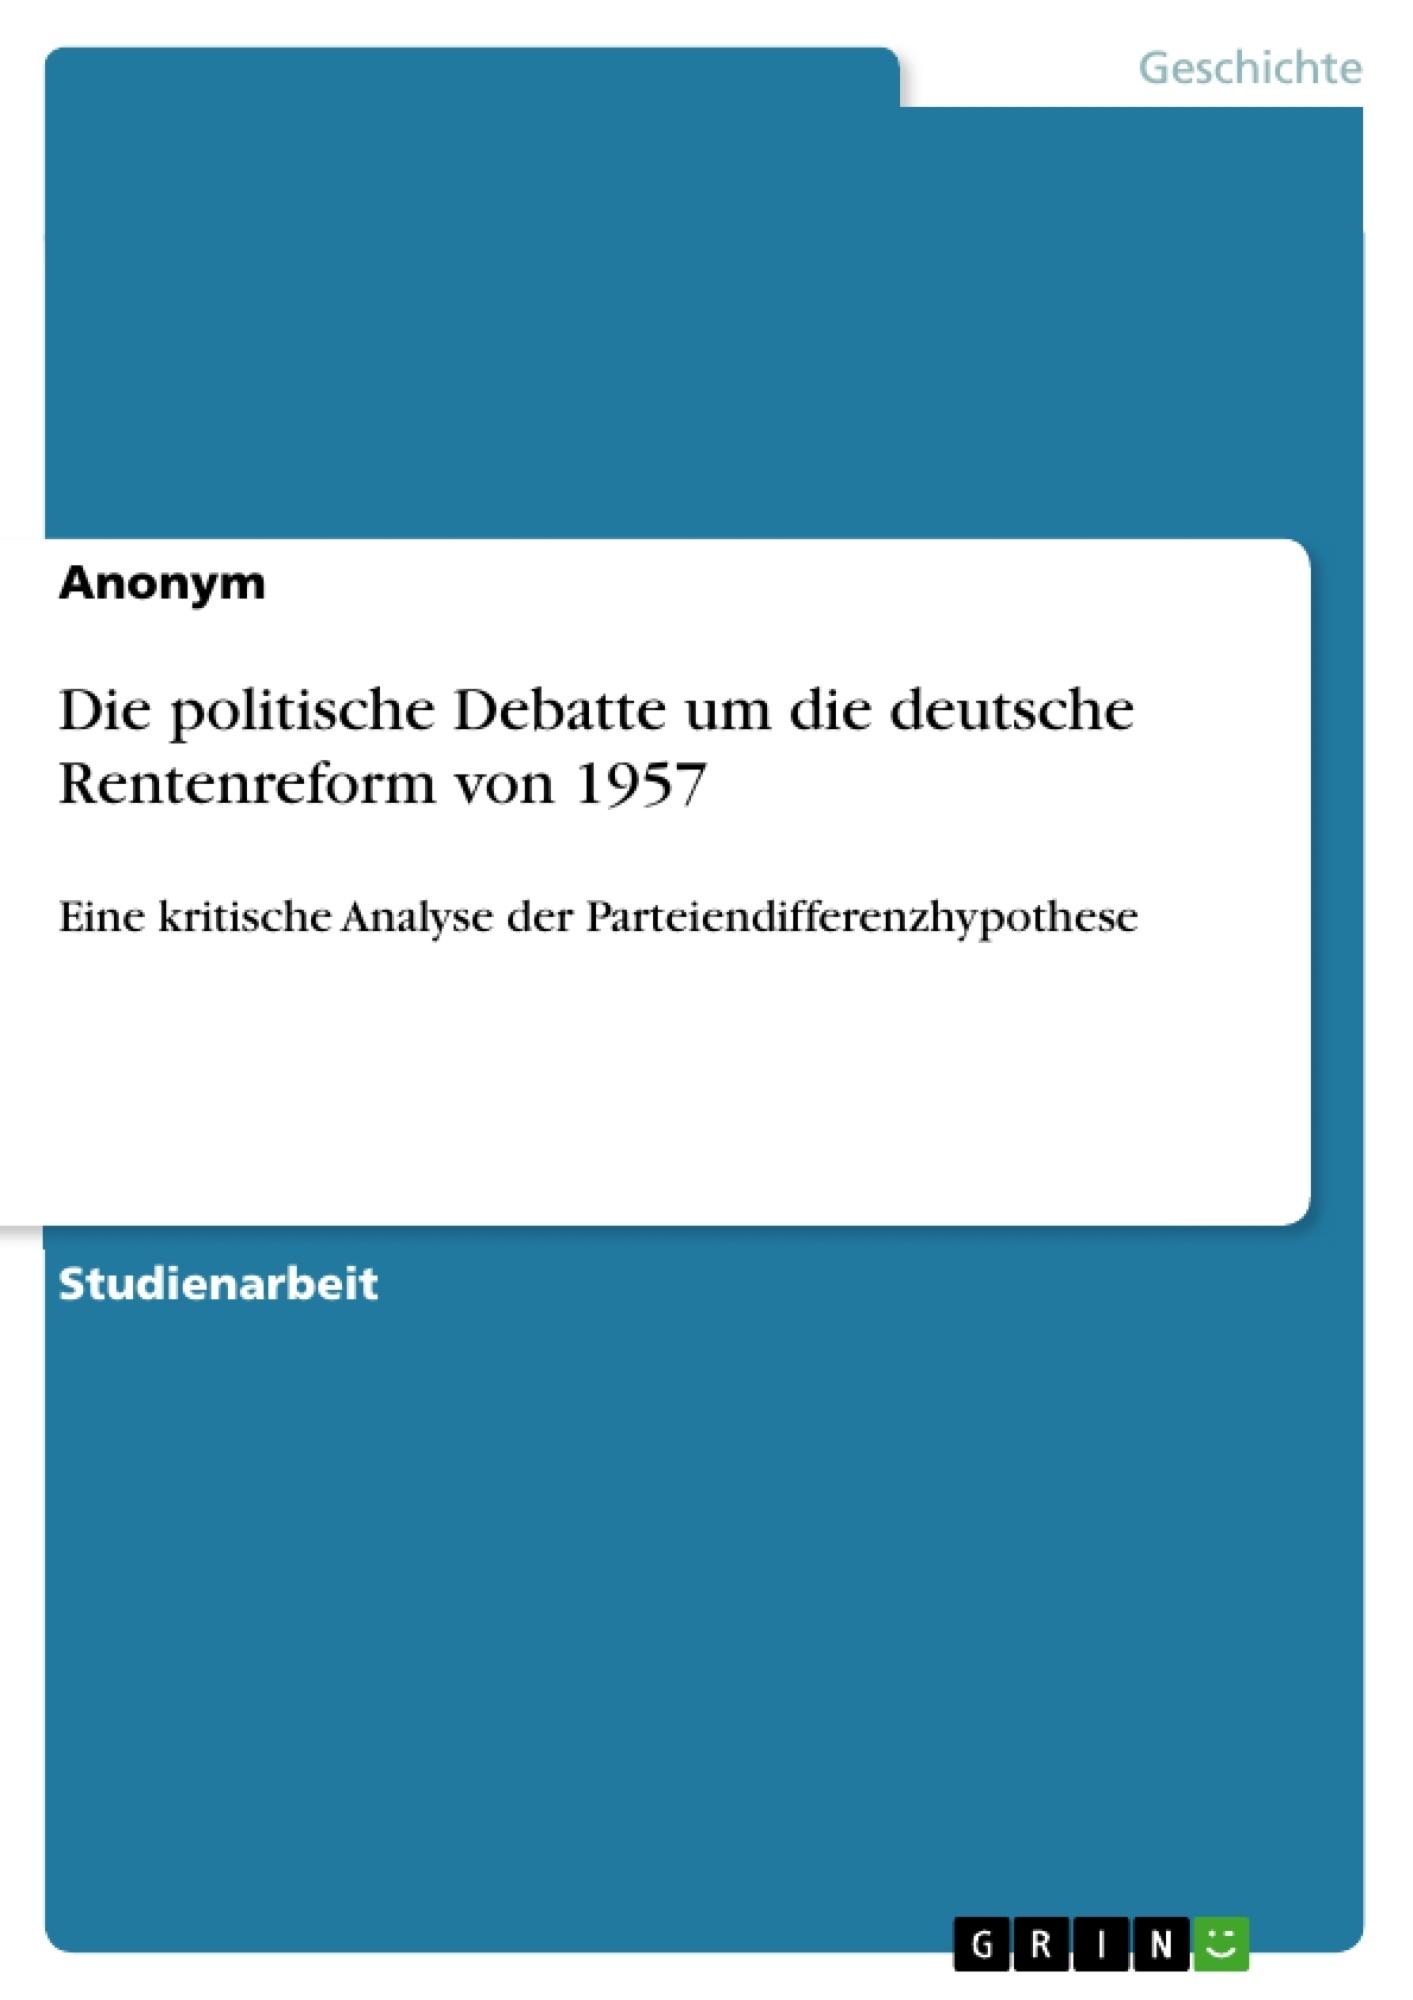 Titel: Die politische Debatte um die deutsche Rentenreform von 1957